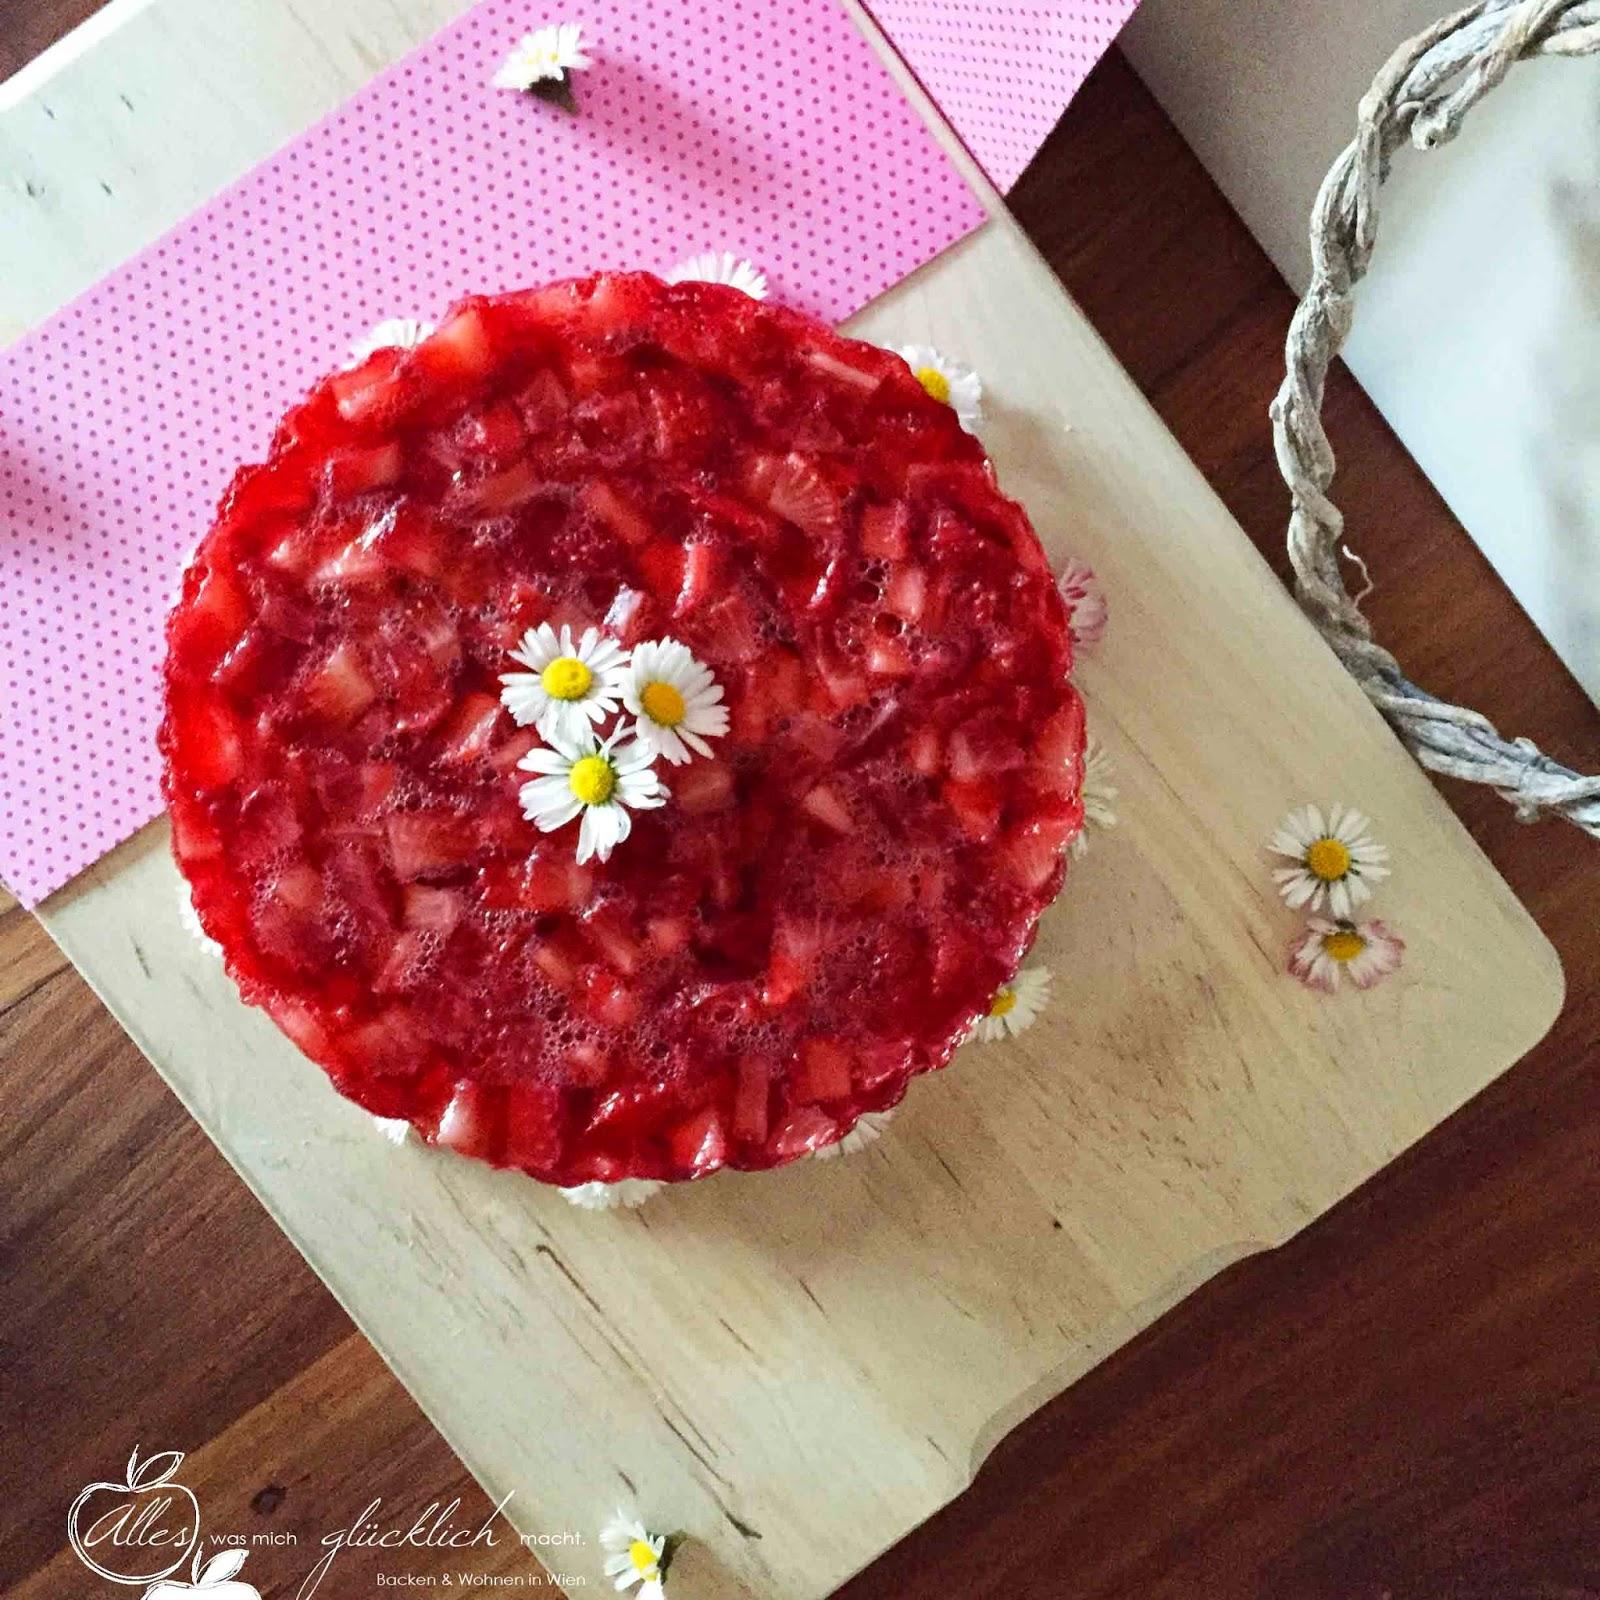 No Bake Erdbeer-Schokotorte mit Erdbeer-Knusperboden